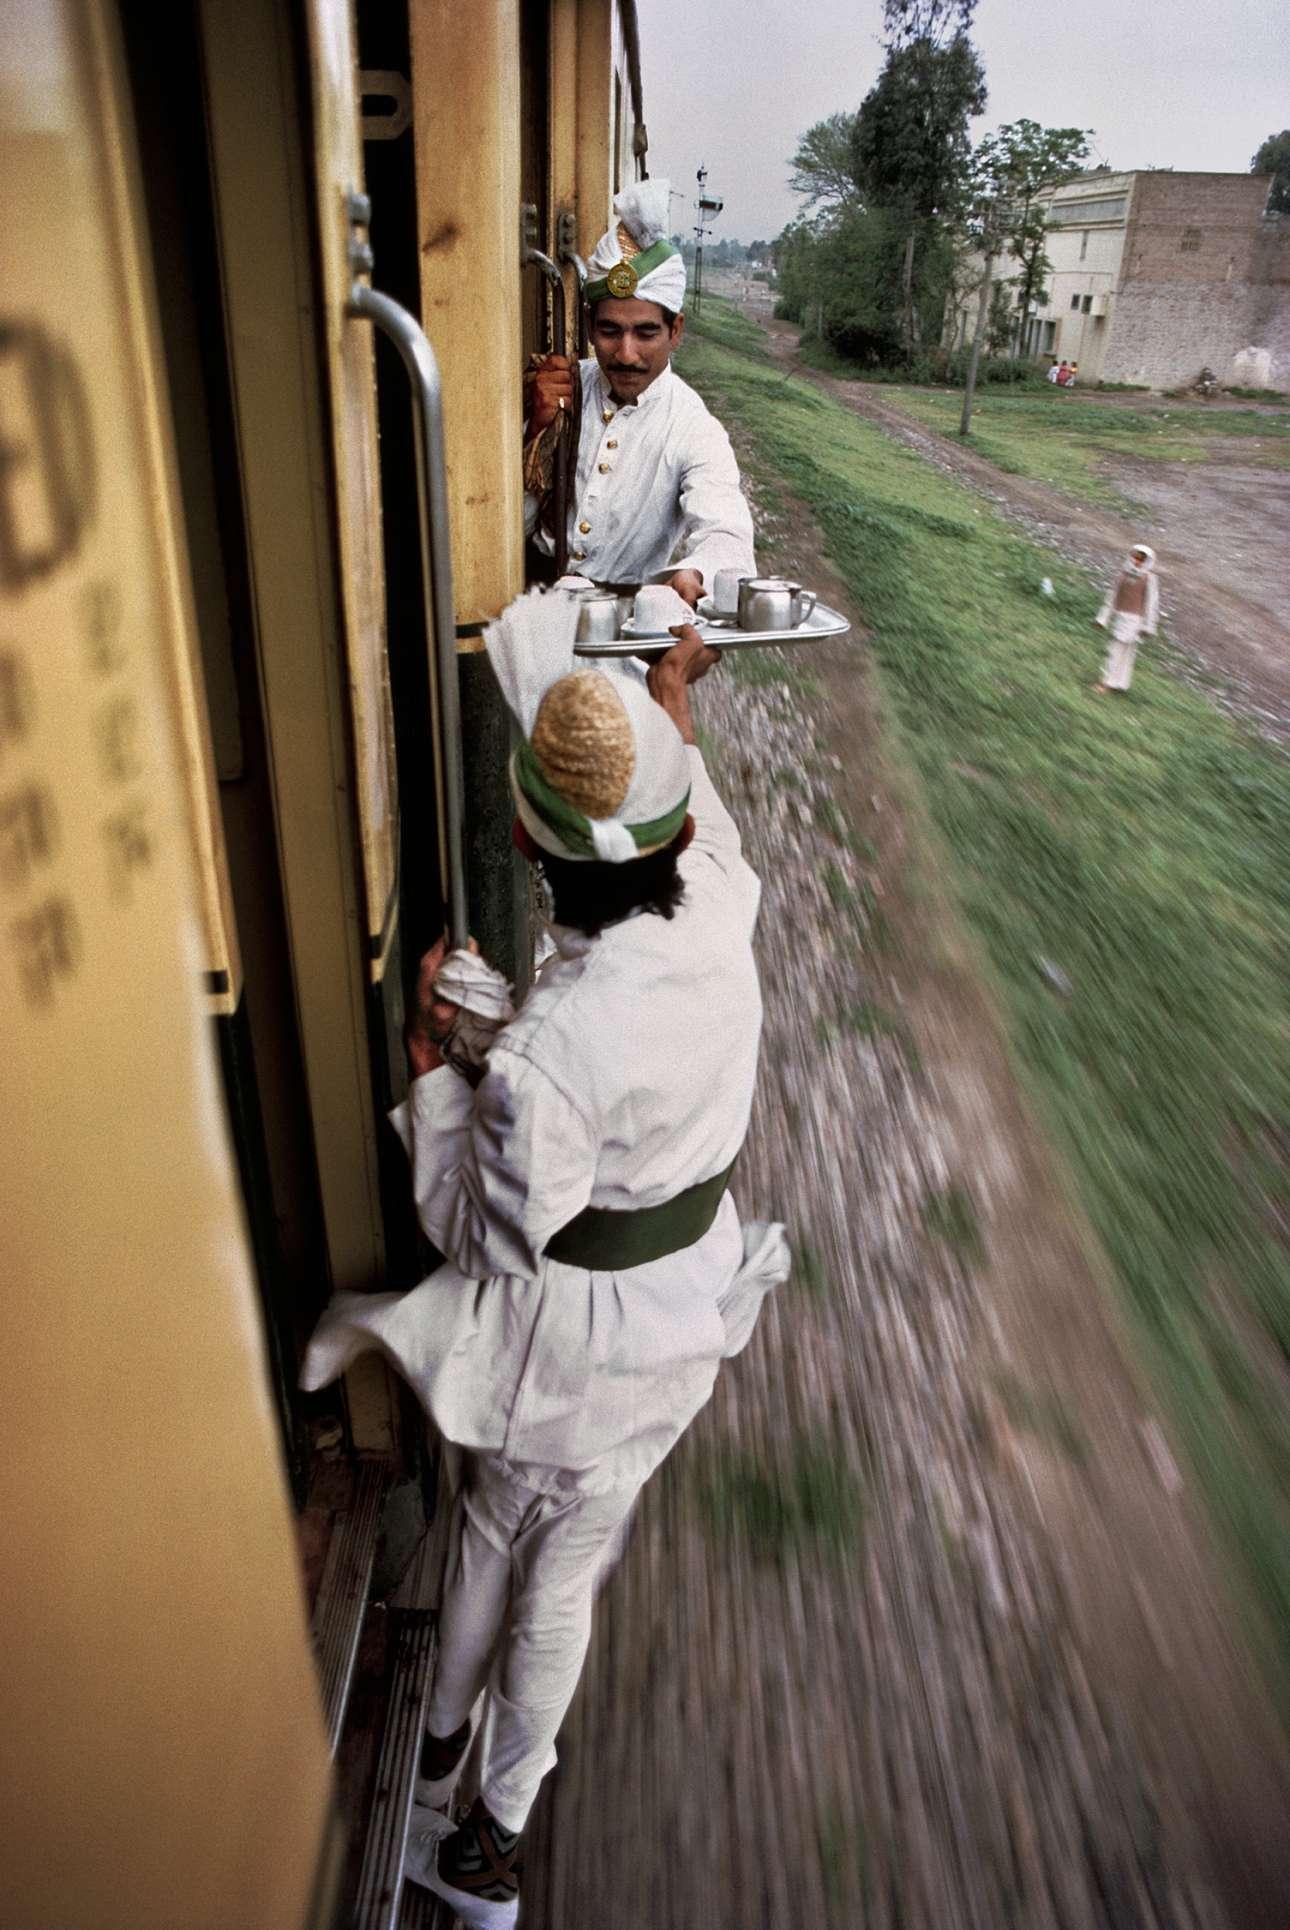 Σερβιτόροι διακινούν ένα δίσκο με τσάι ανάμεσα σε κινούμενα βαγόνια, στο Πακιστάν το 1983